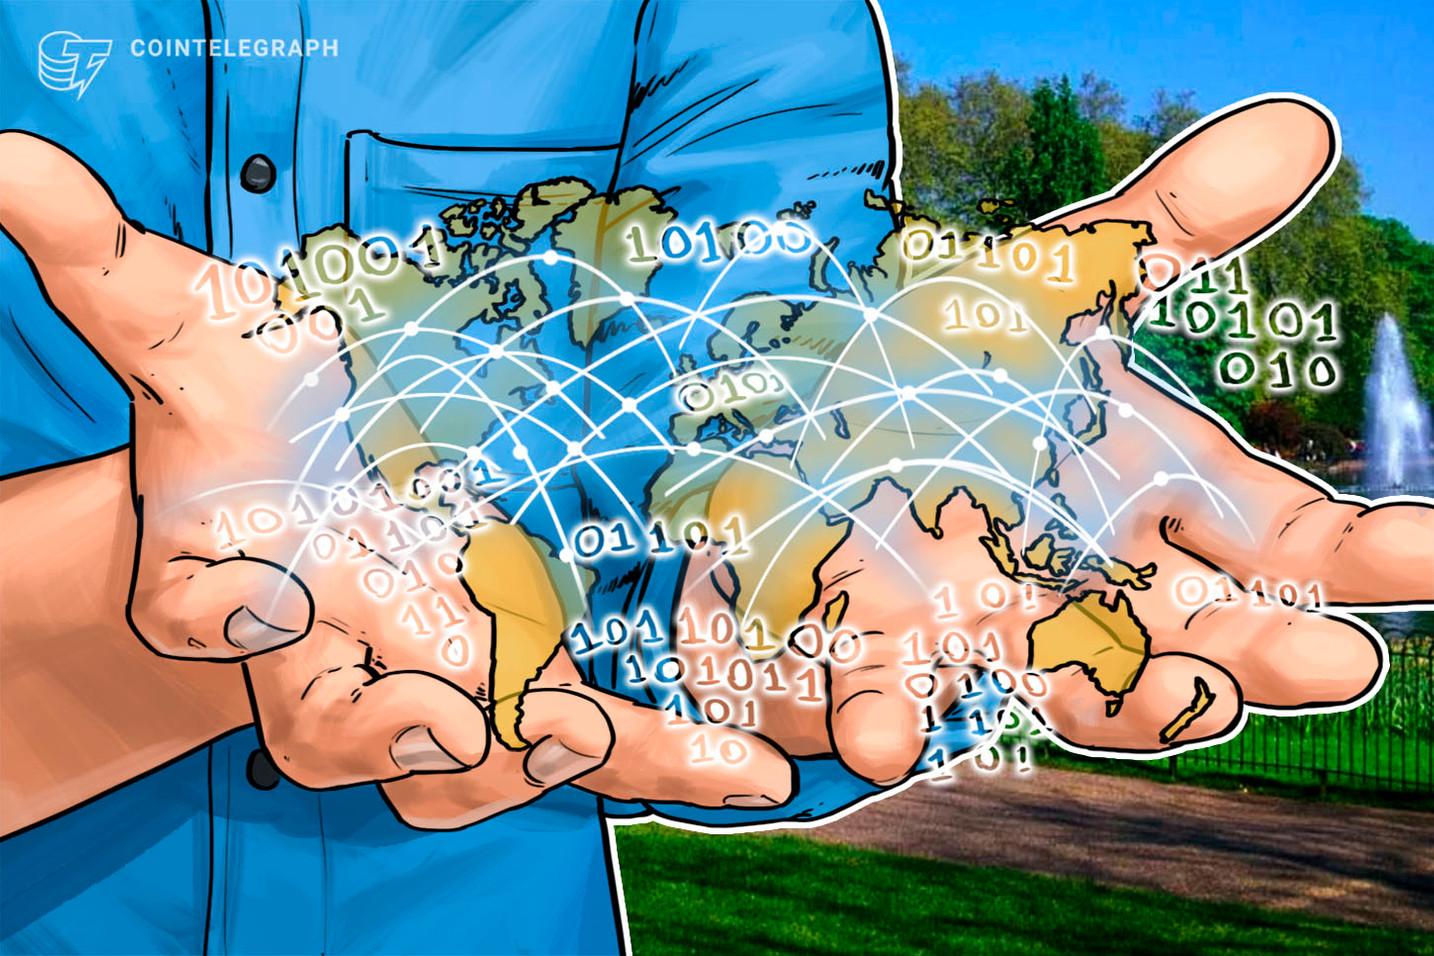 Lanzamiento de CLSNet Blockchain Payment Netting Service es en conjunto con Goldman Sachs y Morgan Stanley